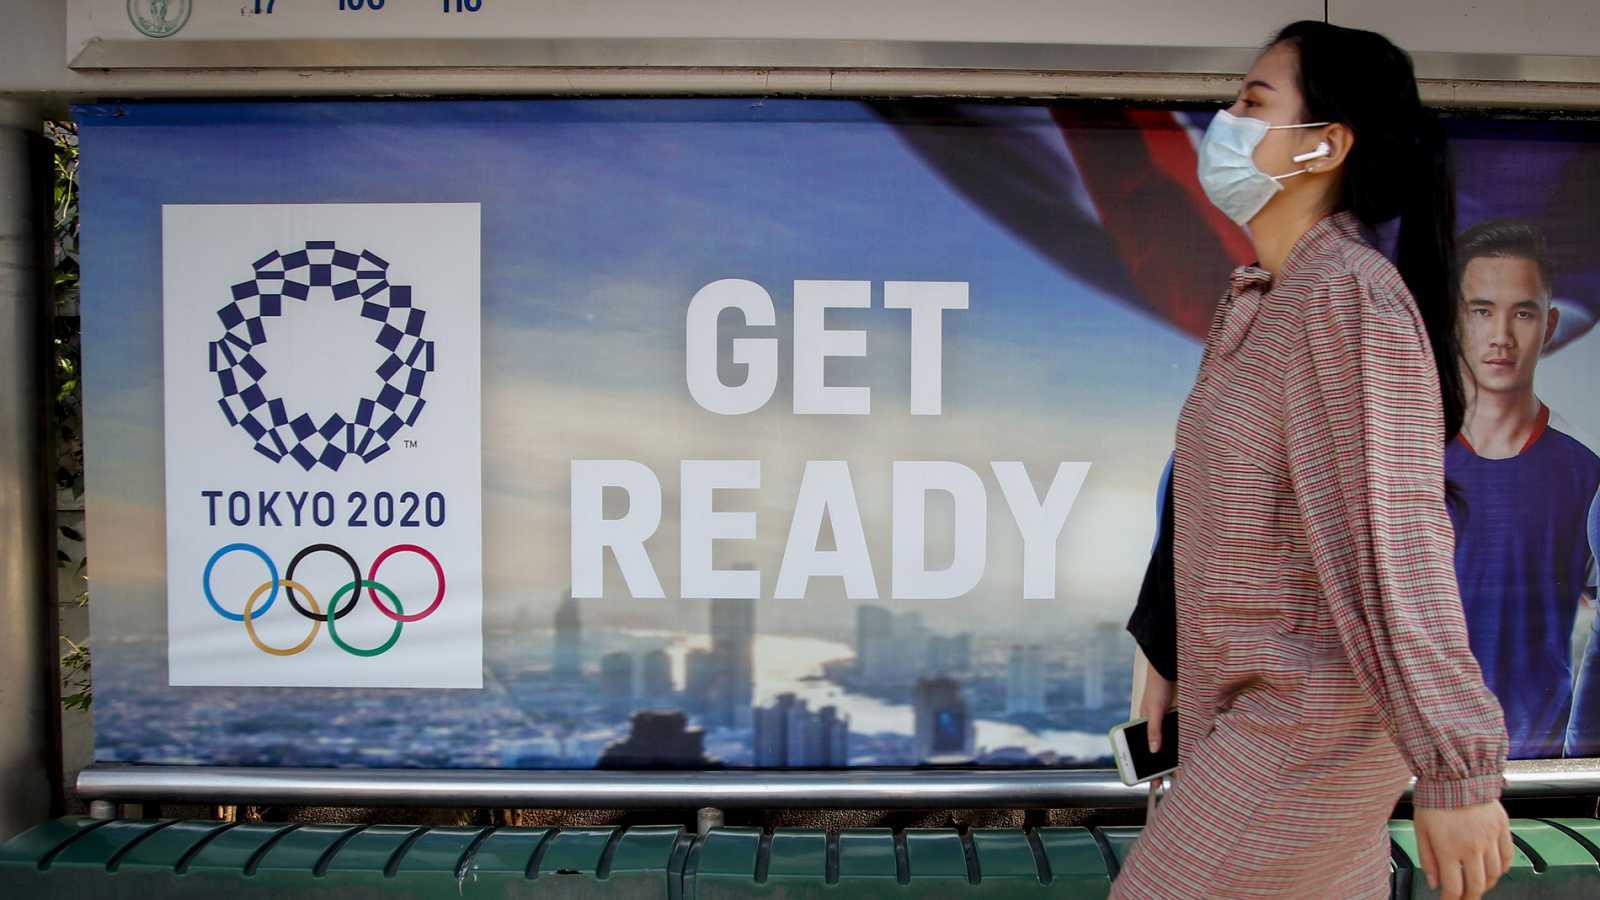 Vídeo: El coronavirus amenaza el calendario deportivo de 2020